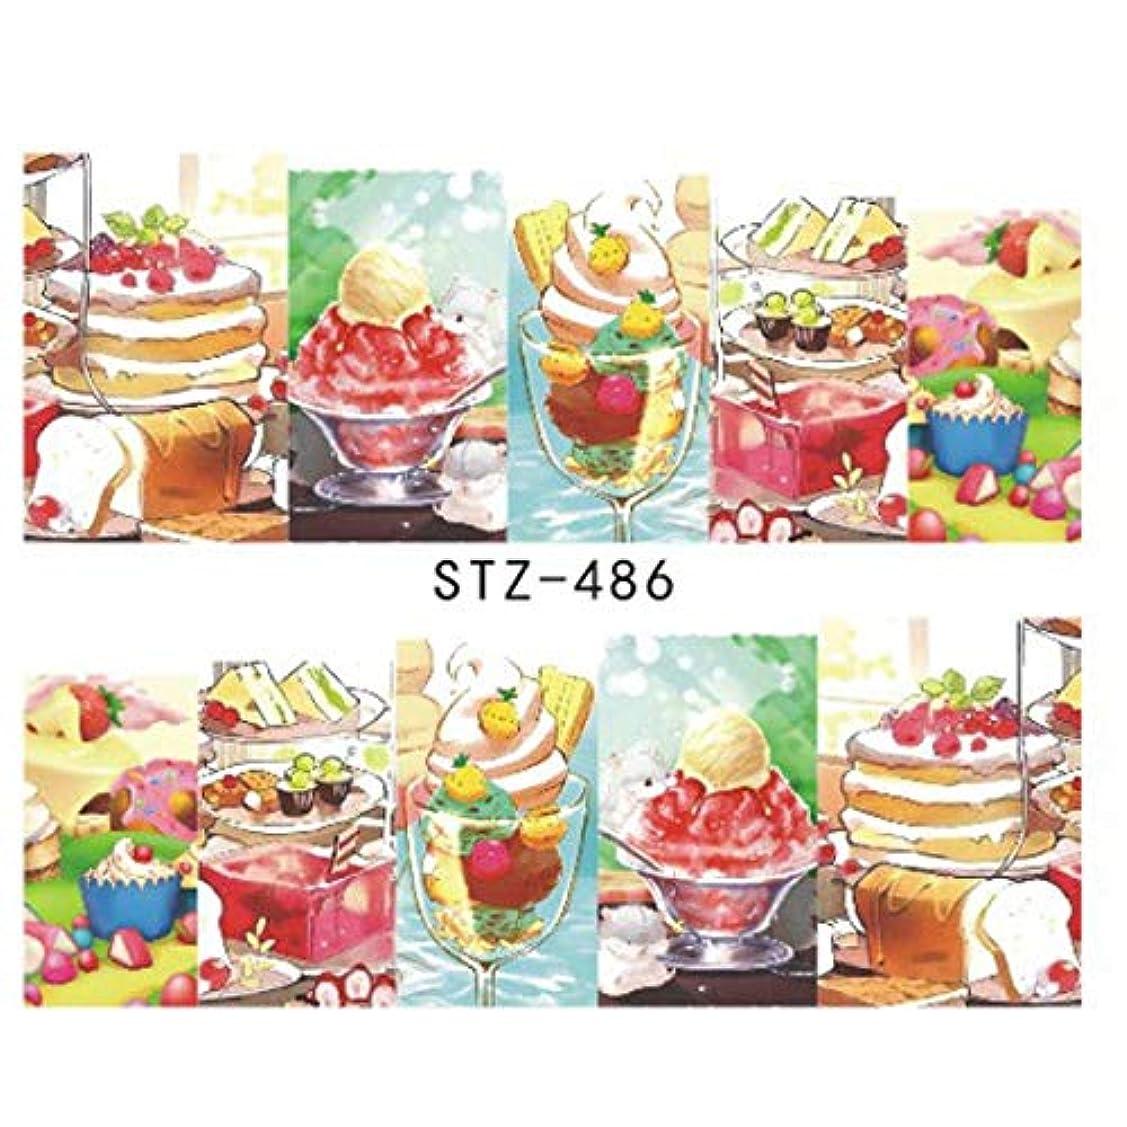 取り消す傑出した四分円SUKTI&XIAO ネイルステッカー 1シートおいしいケーキクールドリンクアイスクリームスライダーネイルアート水デカールステッカー用ネイルアートタトゥー装飾マニキュア、Stz486